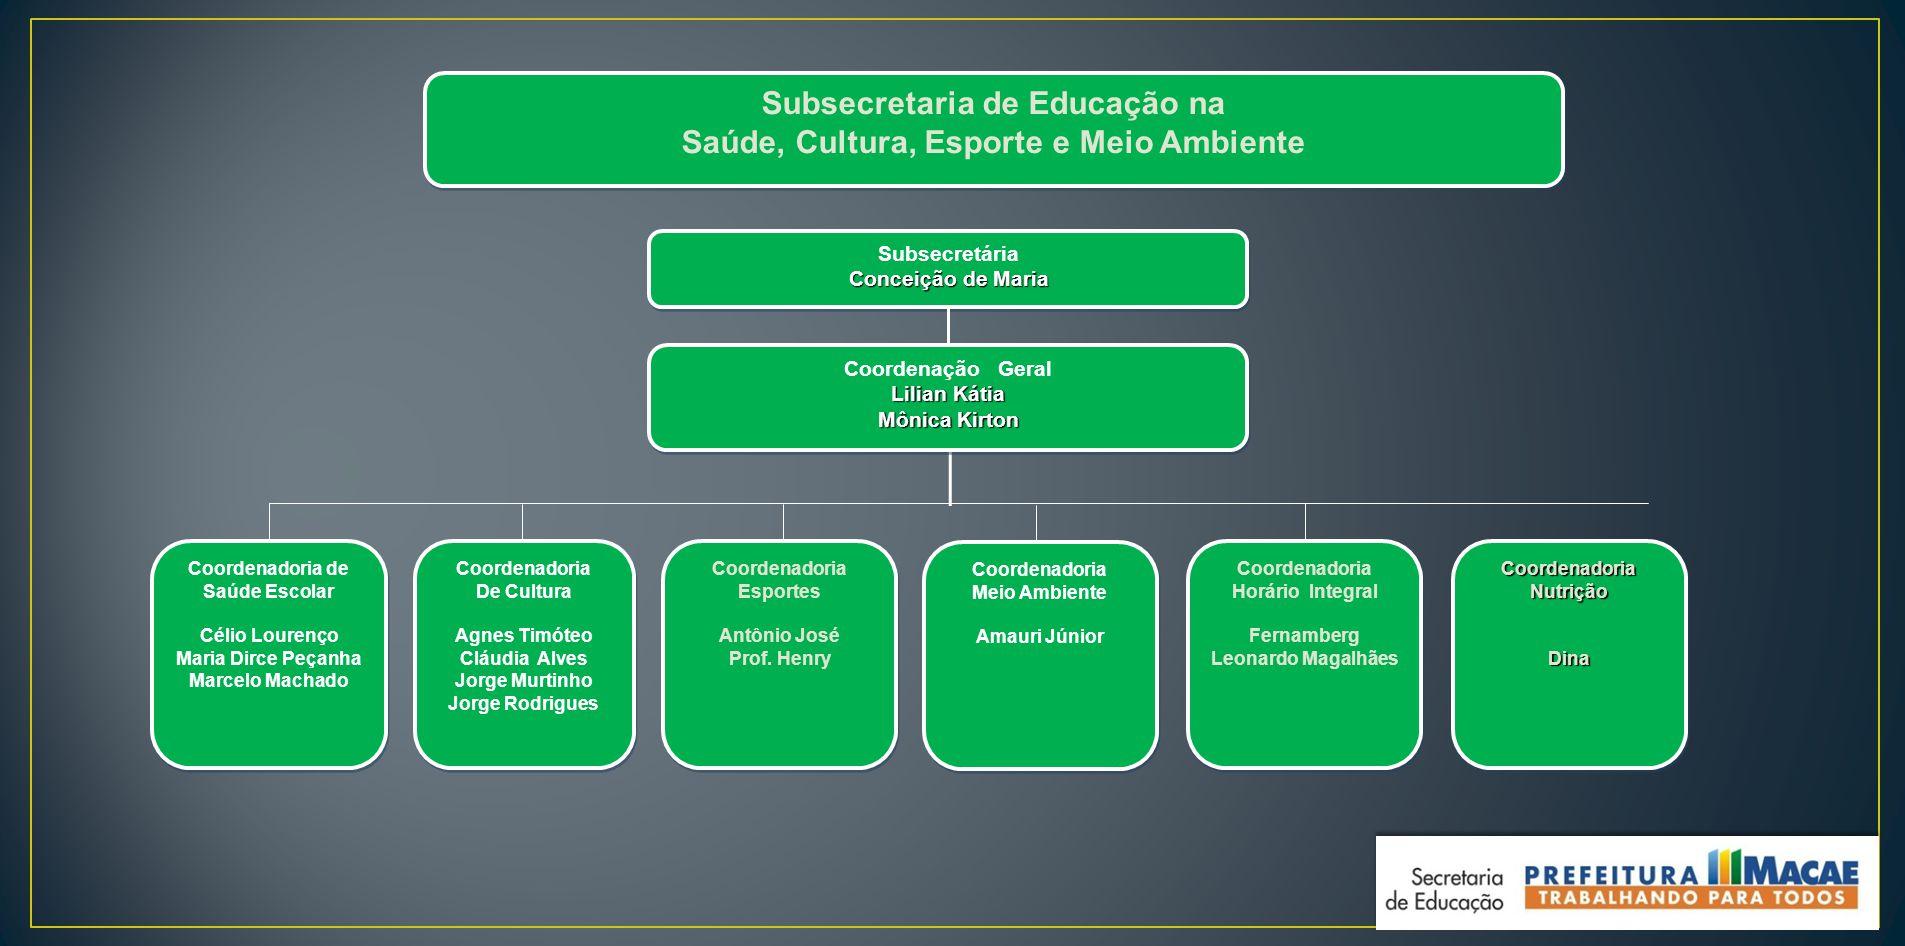 Subsecretaria de Educação na Saúde, Cultura, Esporte e Meio Ambiente